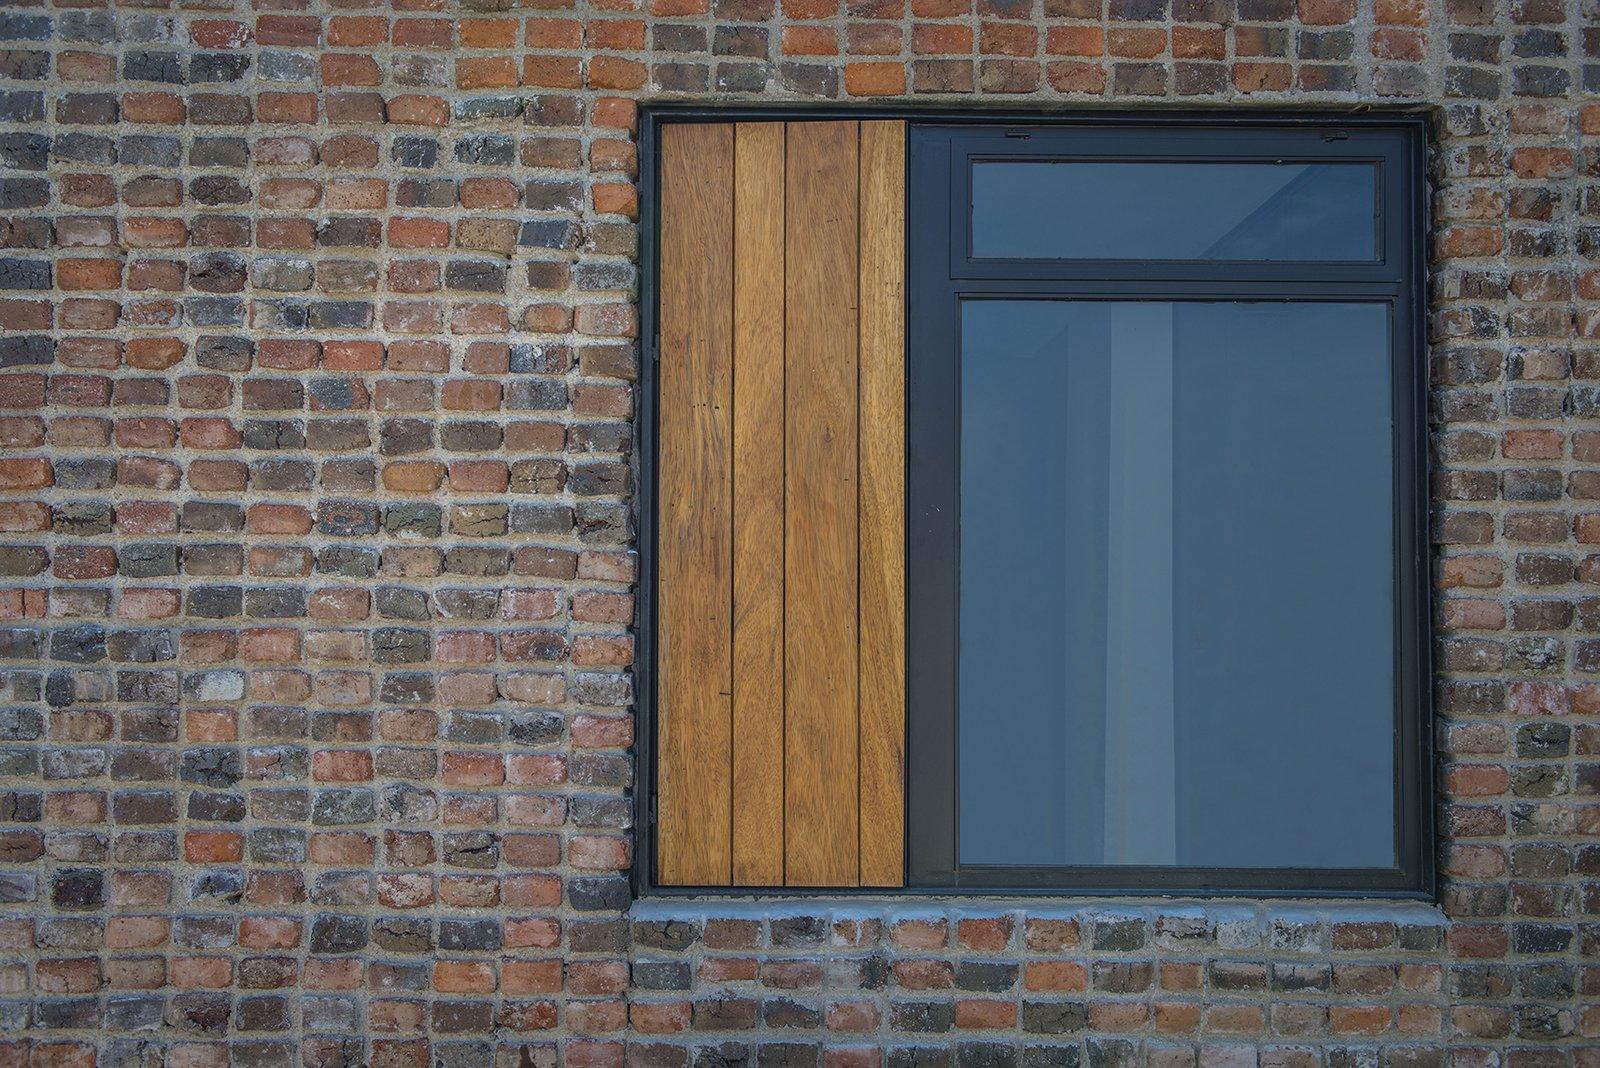 Detail - Window